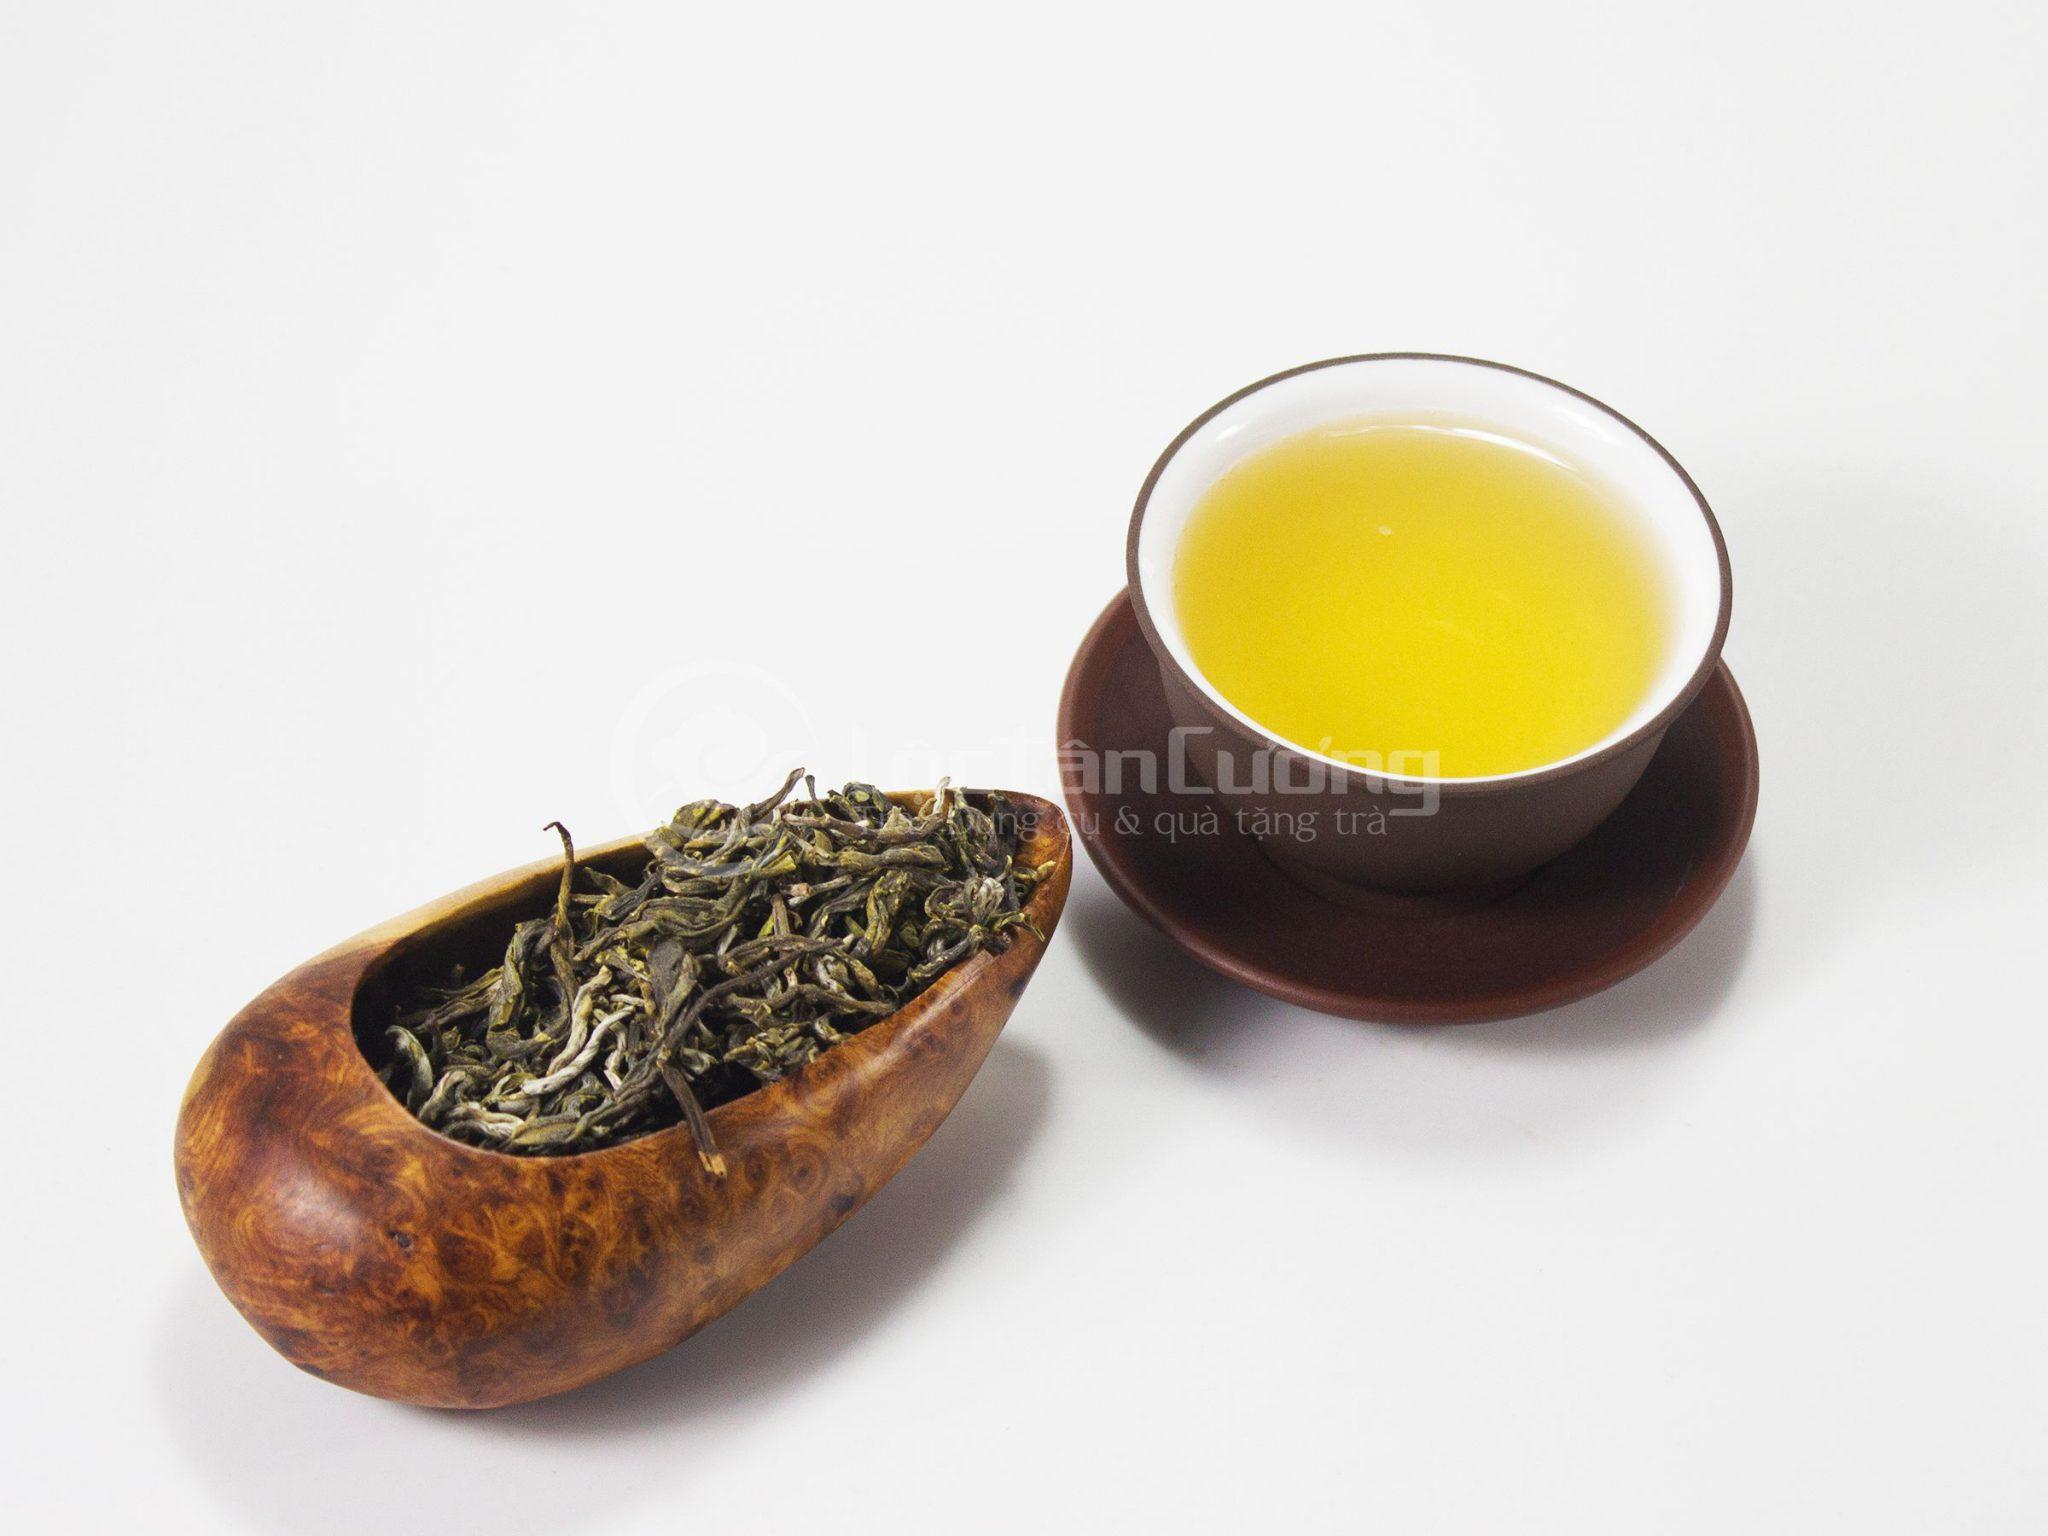 Màu nước của trà shan tuyết Tà Xùa sao chảo